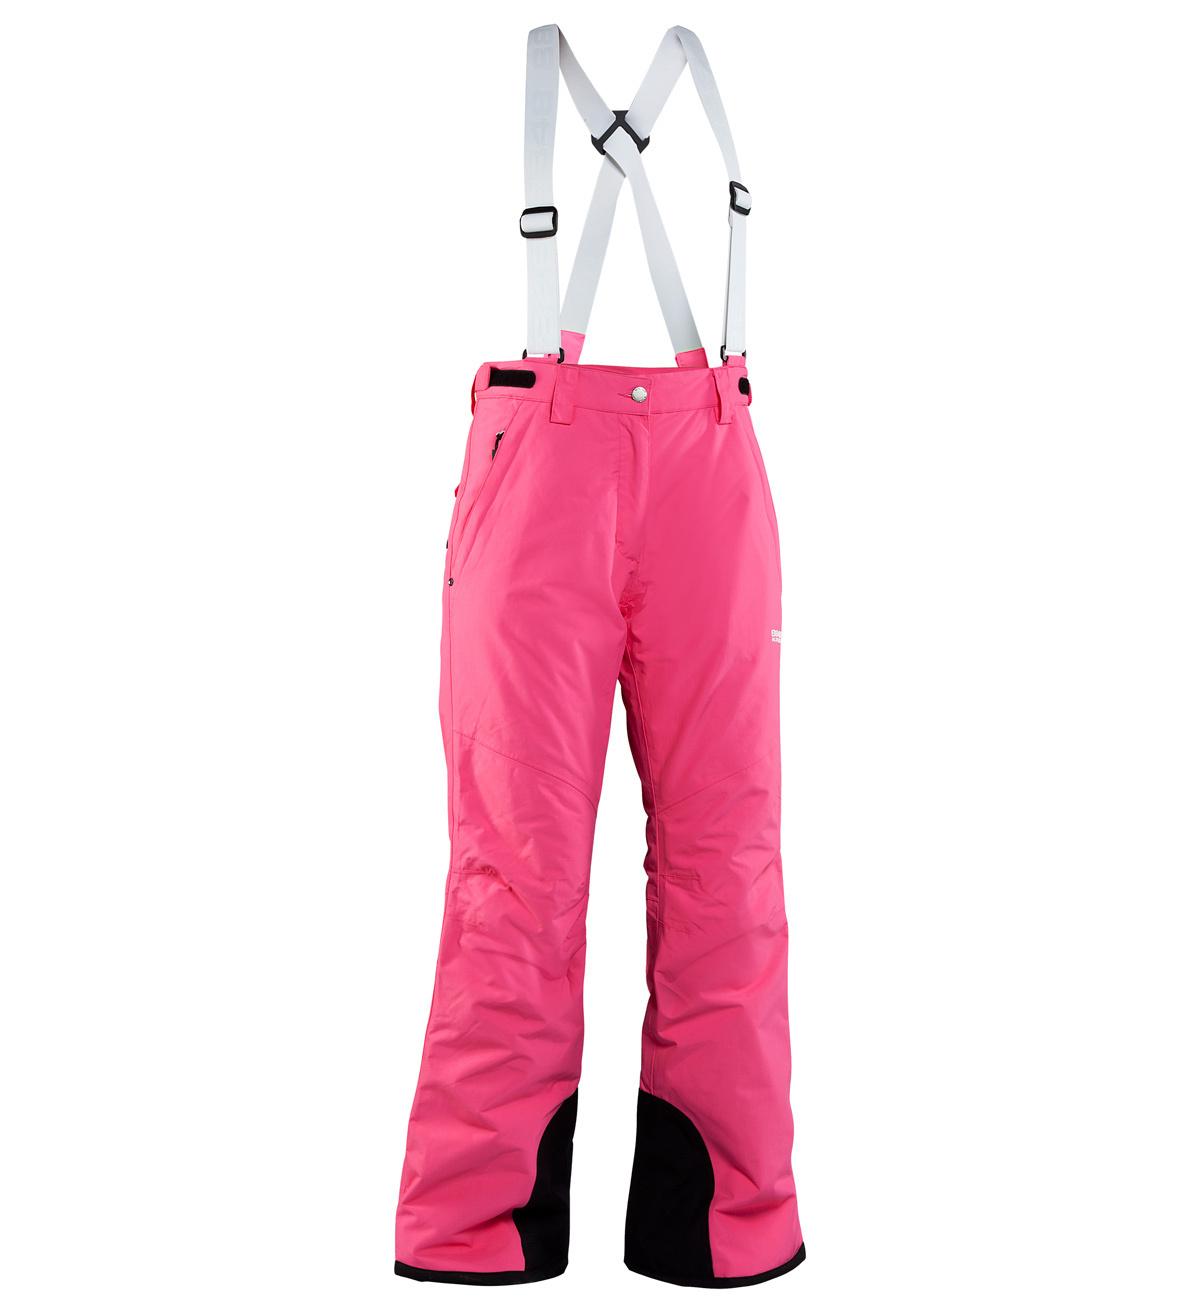 Брюки горнолыжные 8848 Altitude Isa женские Cerise